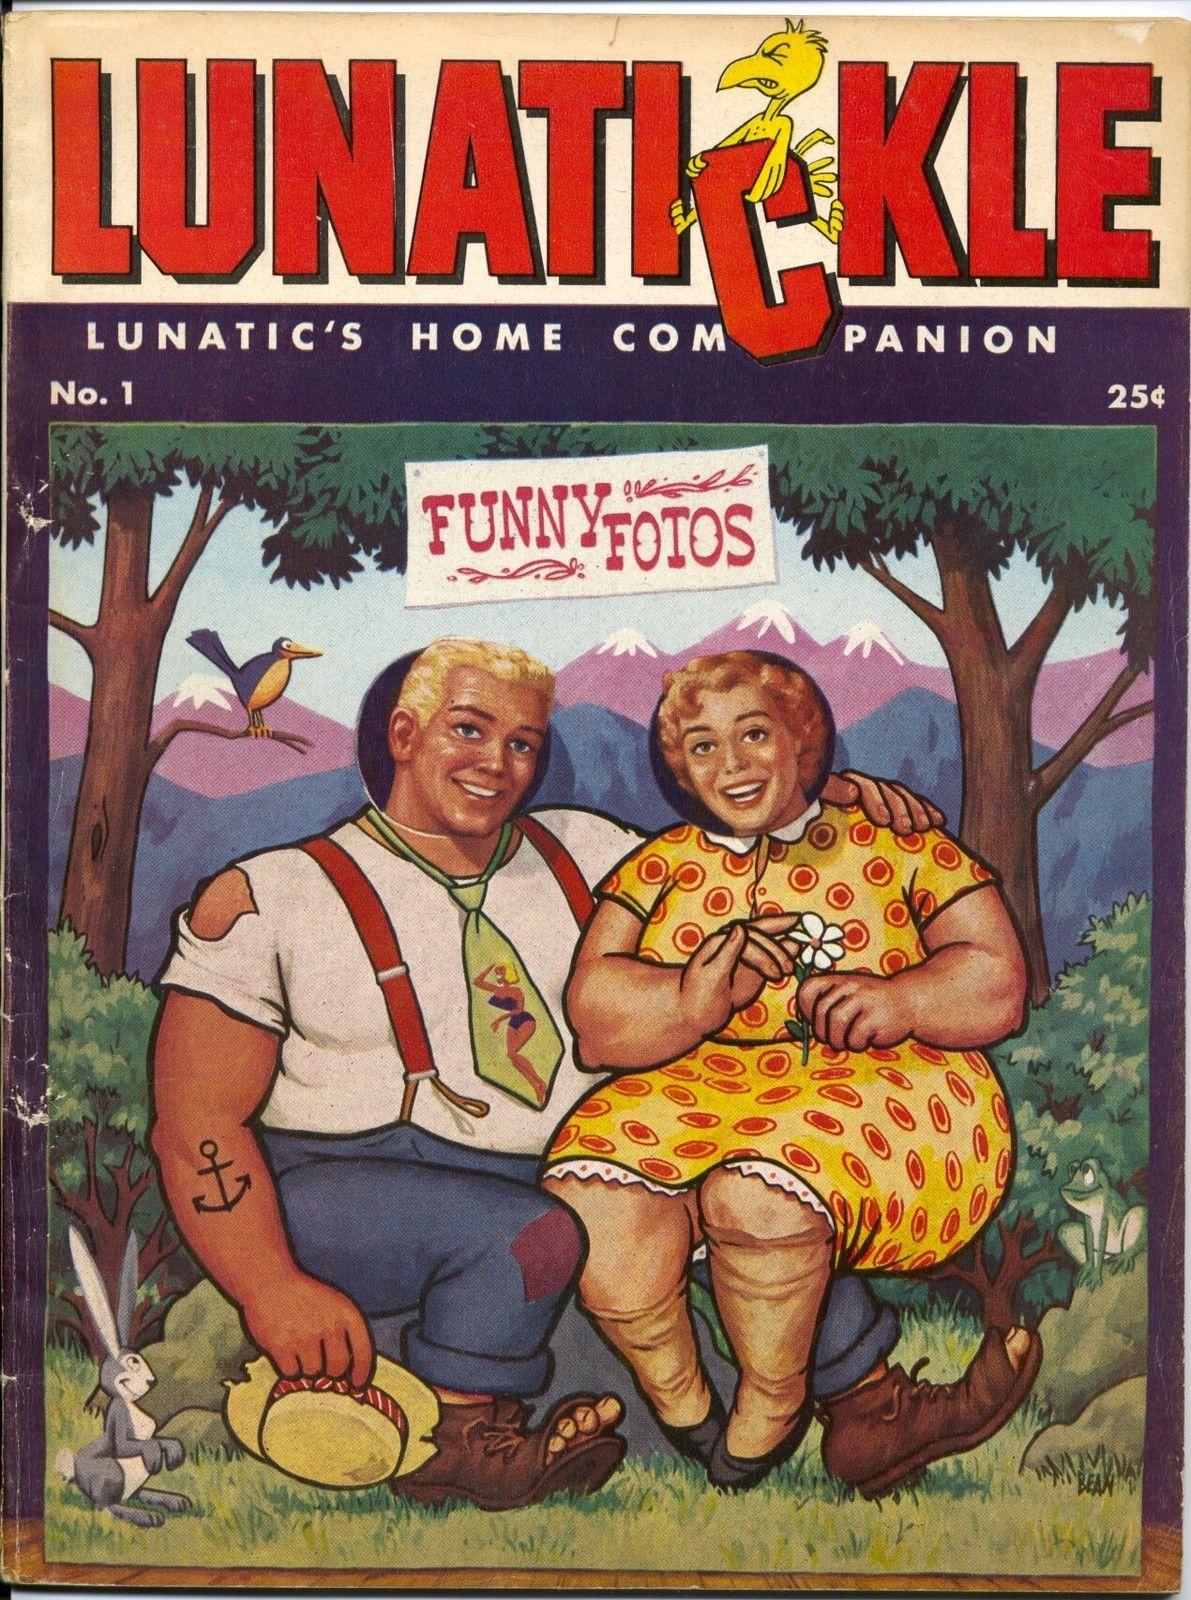 Lunatickle #1. Feb 1956. Rare parody/satire magazine by Joe Kubert and Russ Heath.